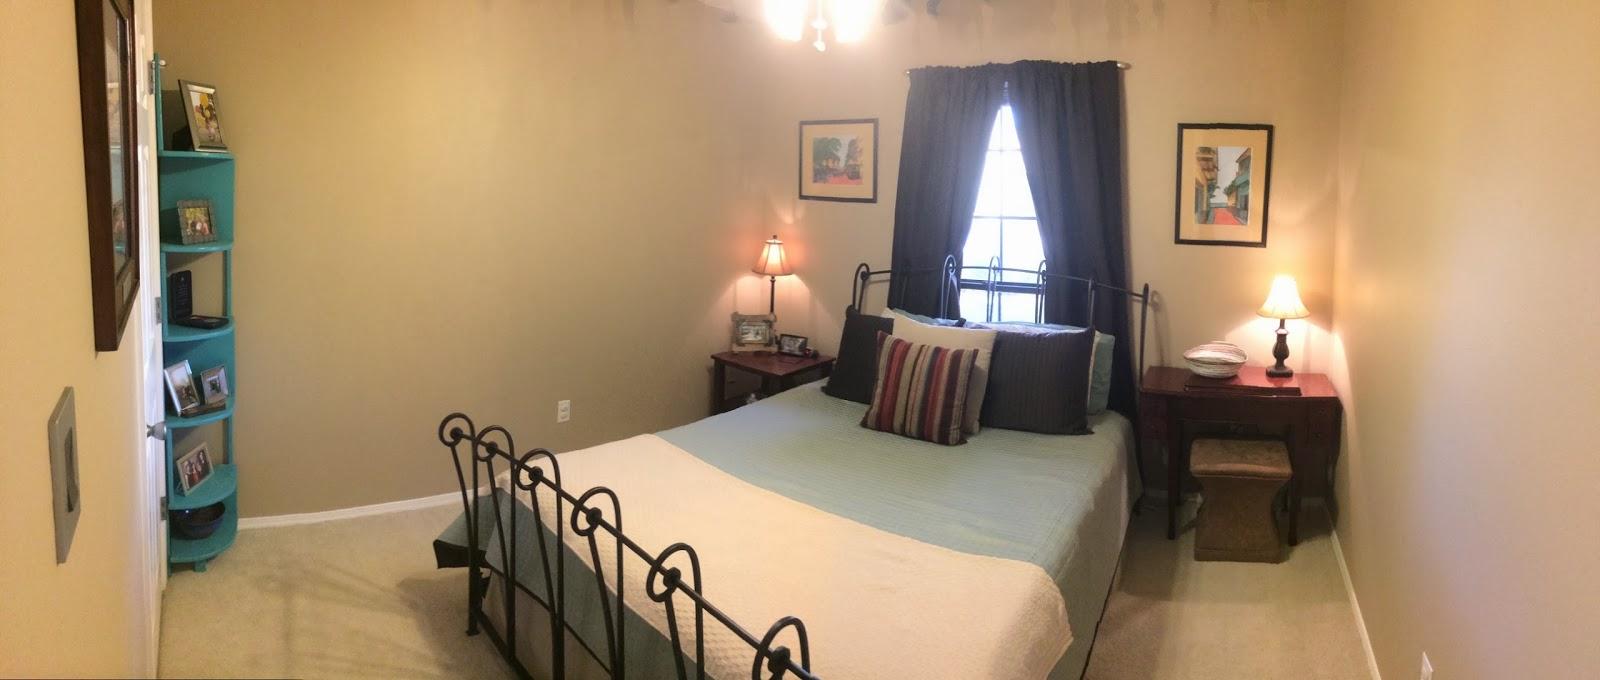 Neutral Guest Room Paint Color